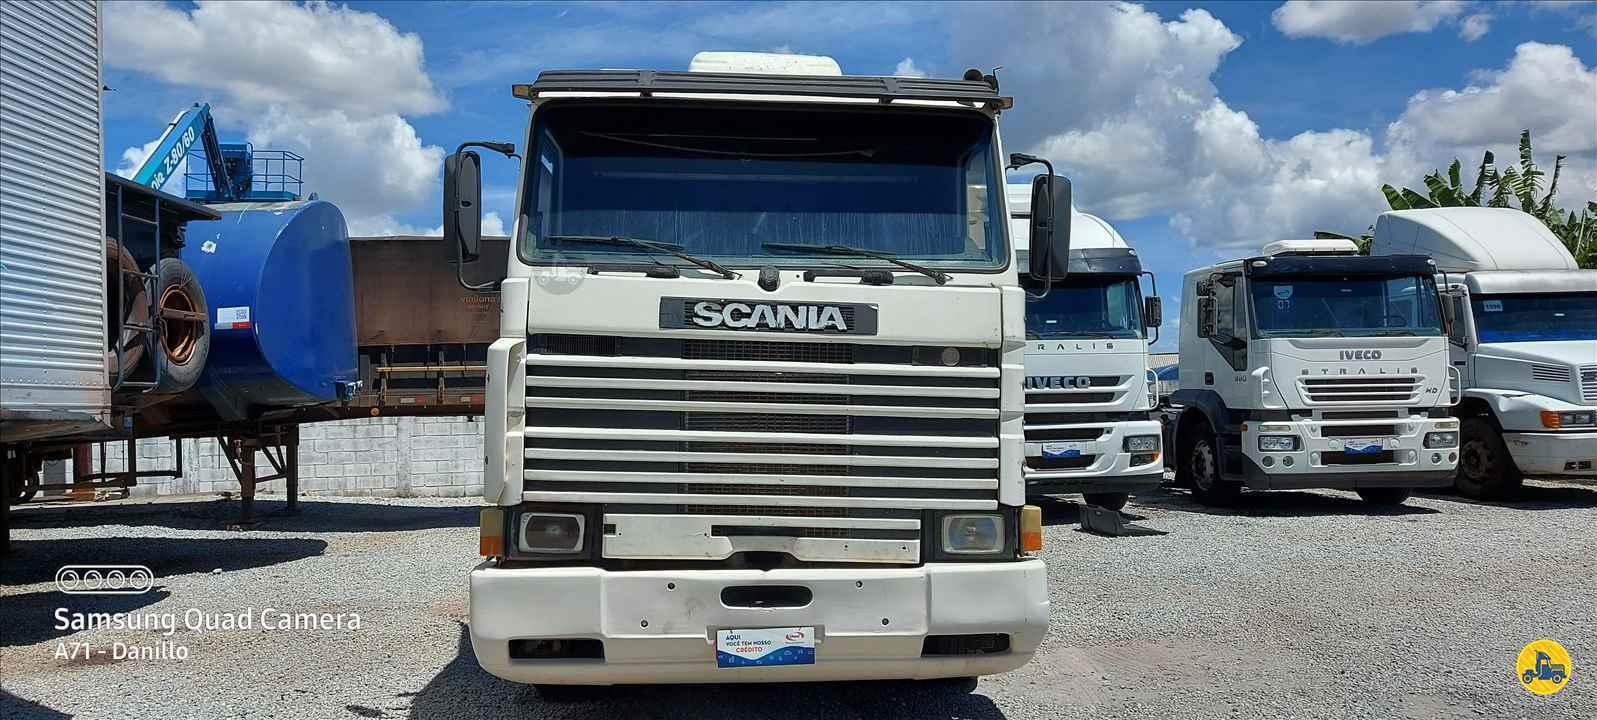 CAMINHAO SCANIA SCANIA 112 310 Cavalo Mecânico Truck 6x2 13 de Maio Caminhões BETIM MINAS GERAIS MG